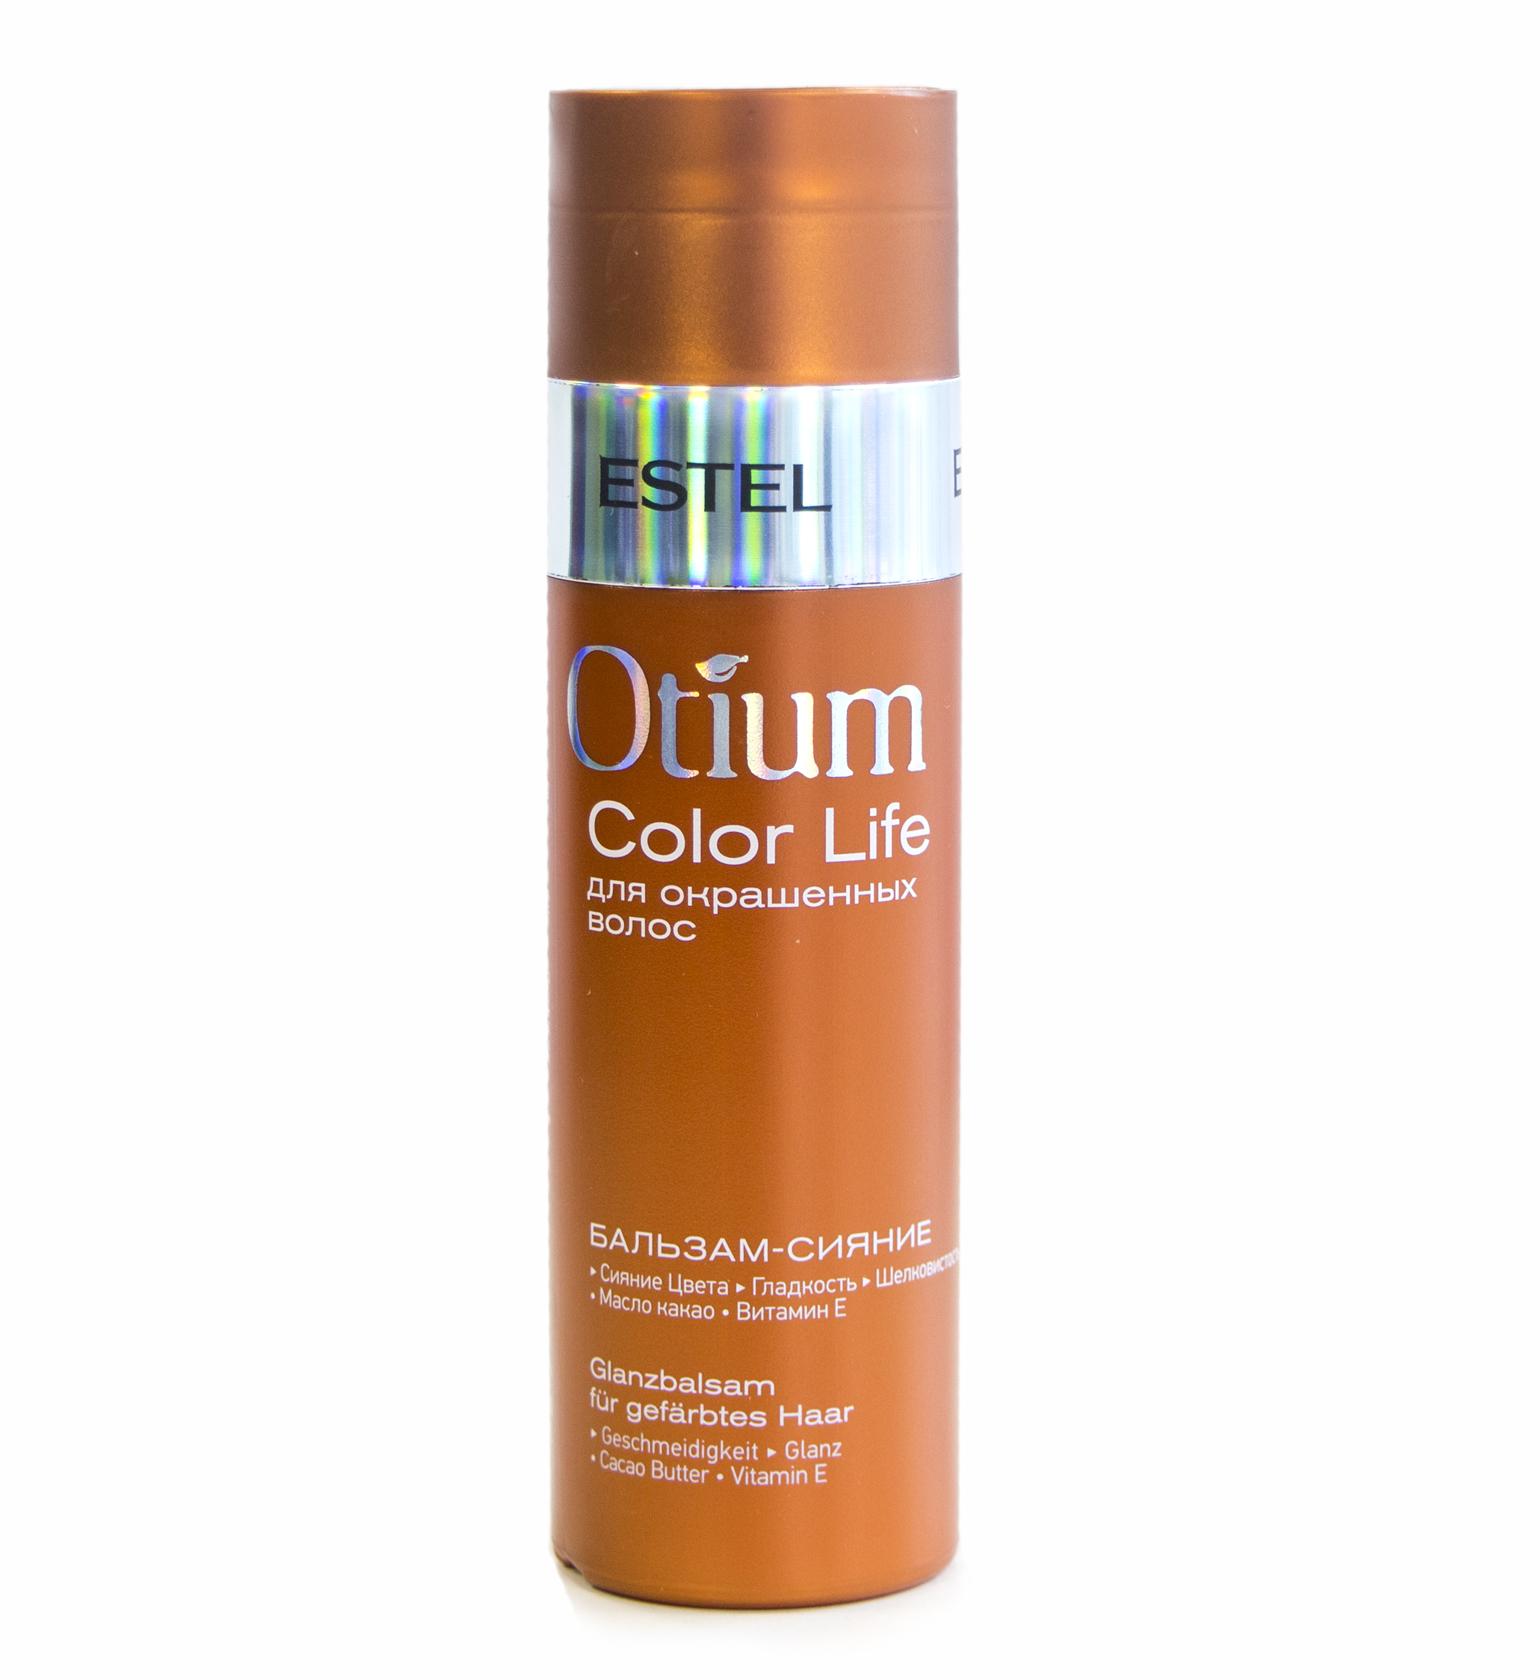 ESTEL Professional Бальзам-сияние для окрашенных волос OTIUM COLOR LIFE 200 мл.